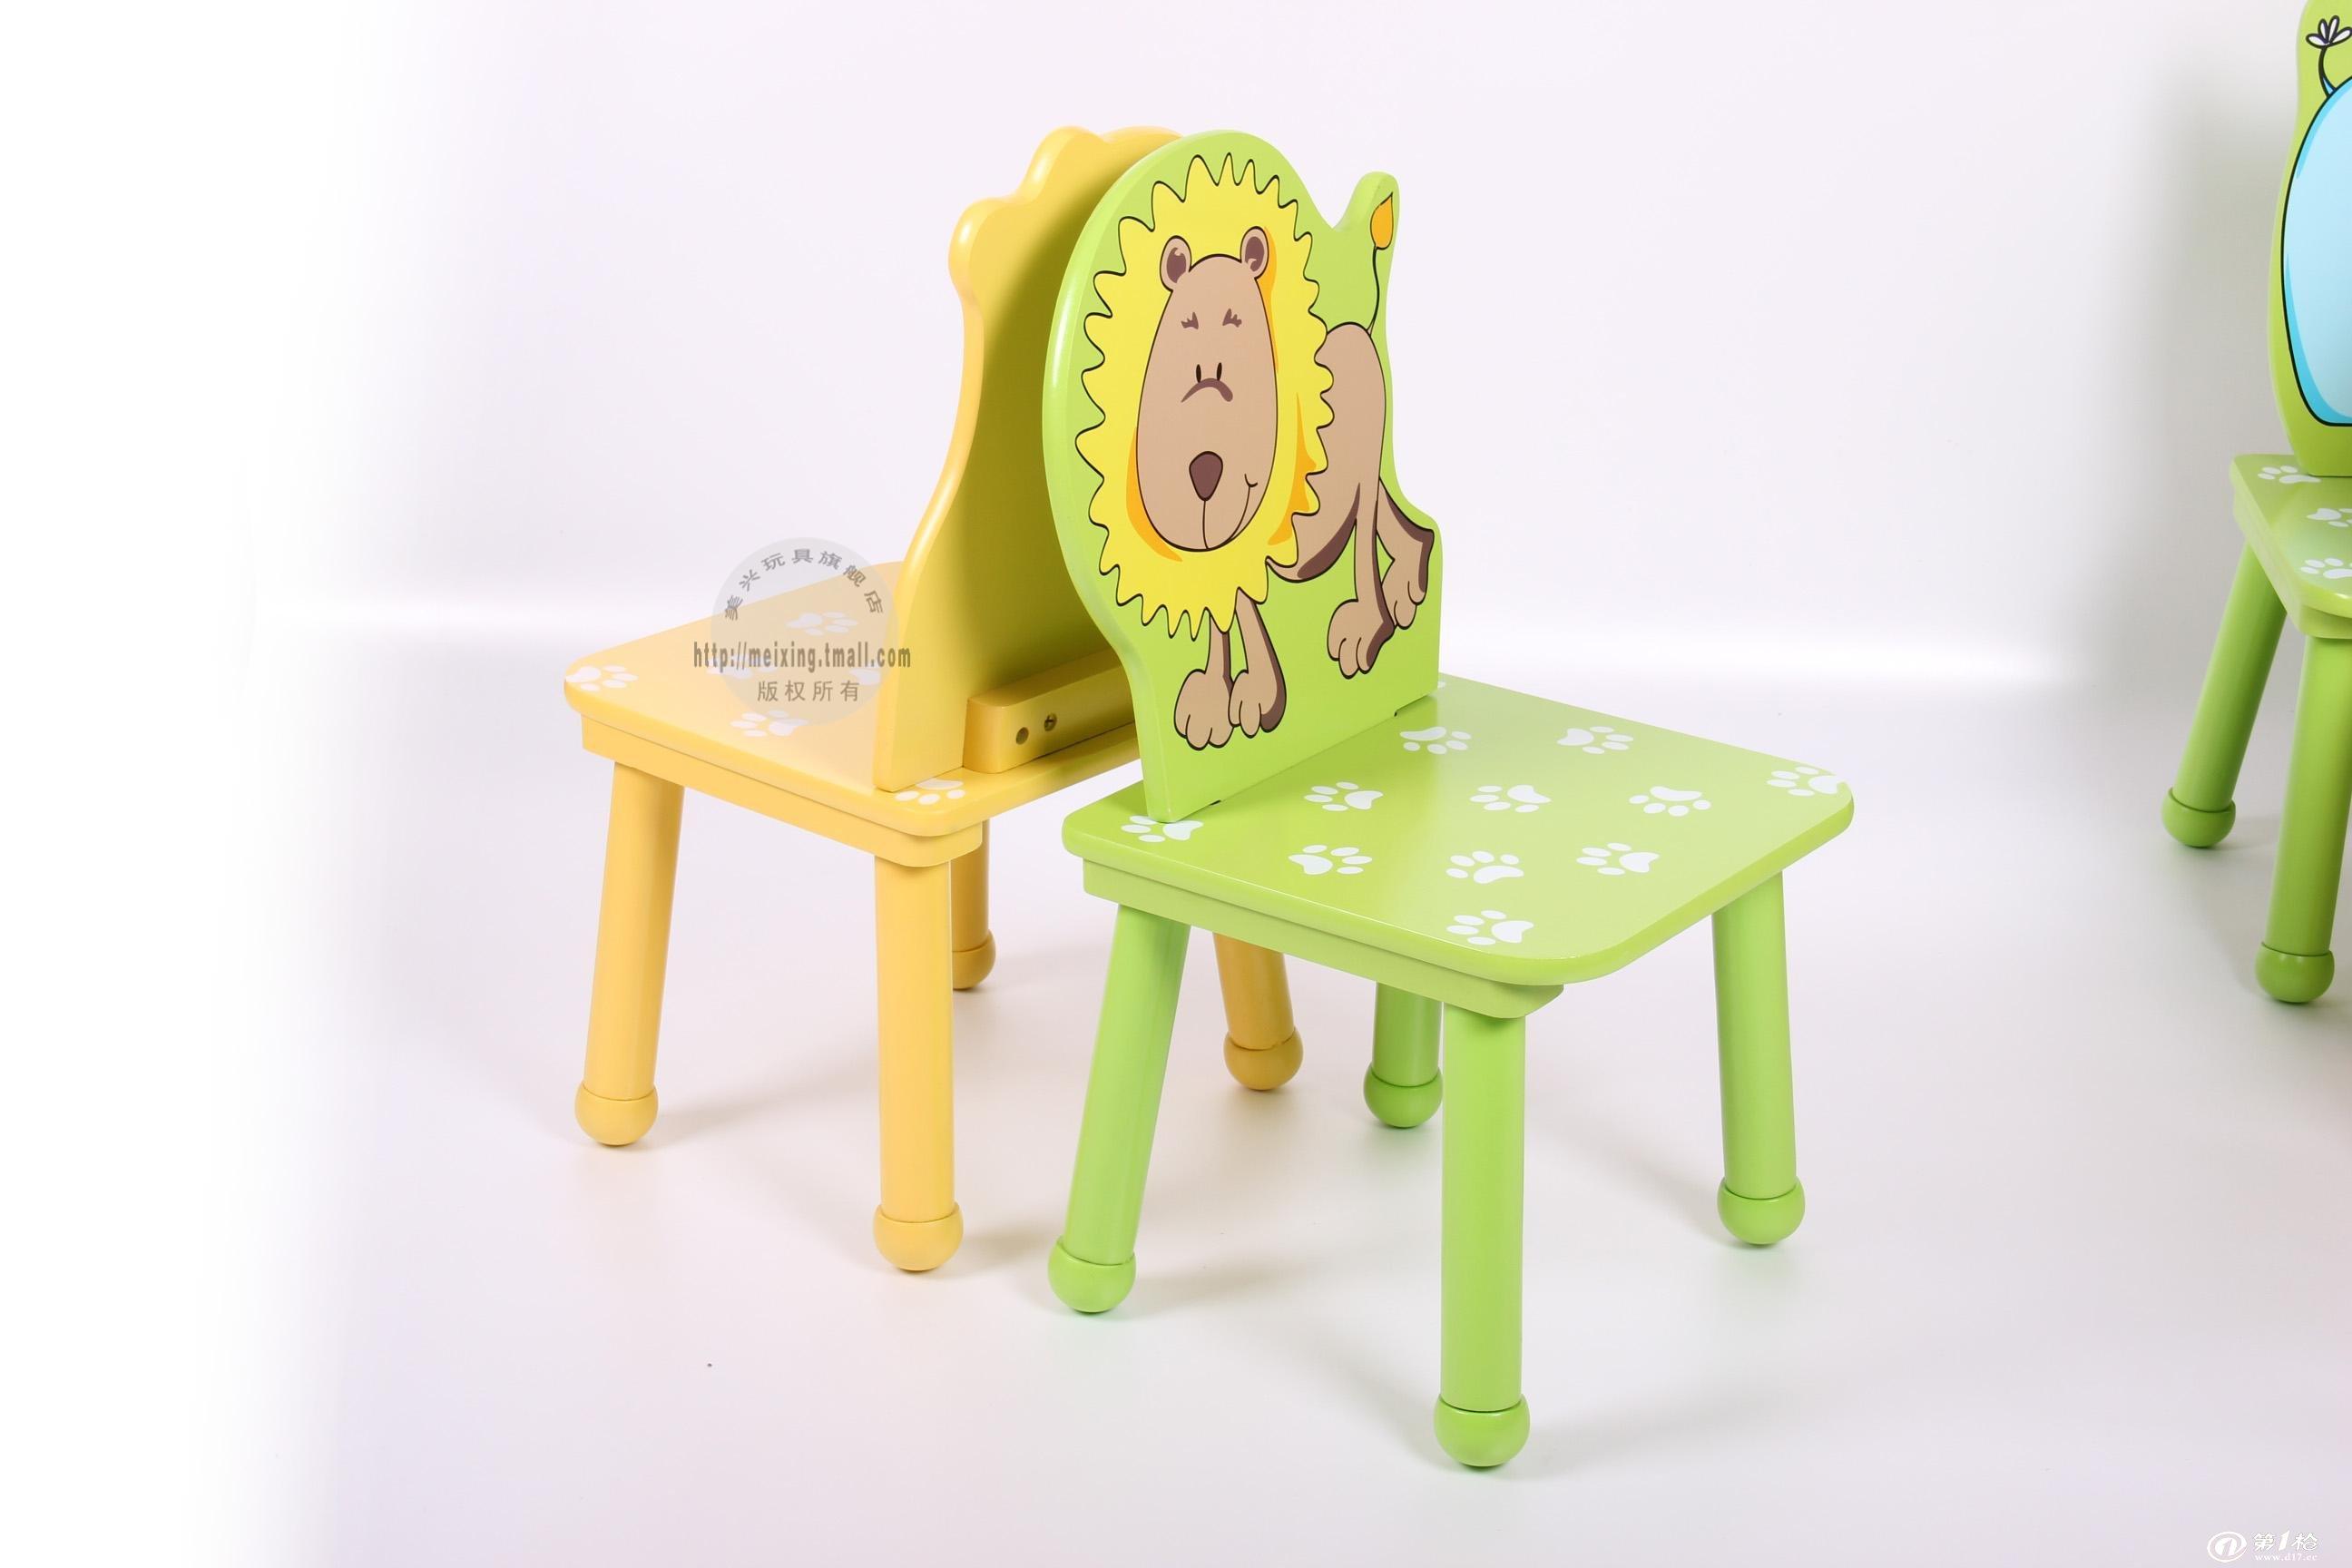 促销动物卡通宝宝坐椅 儿童桌椅 木制书桌学习桌套装组合